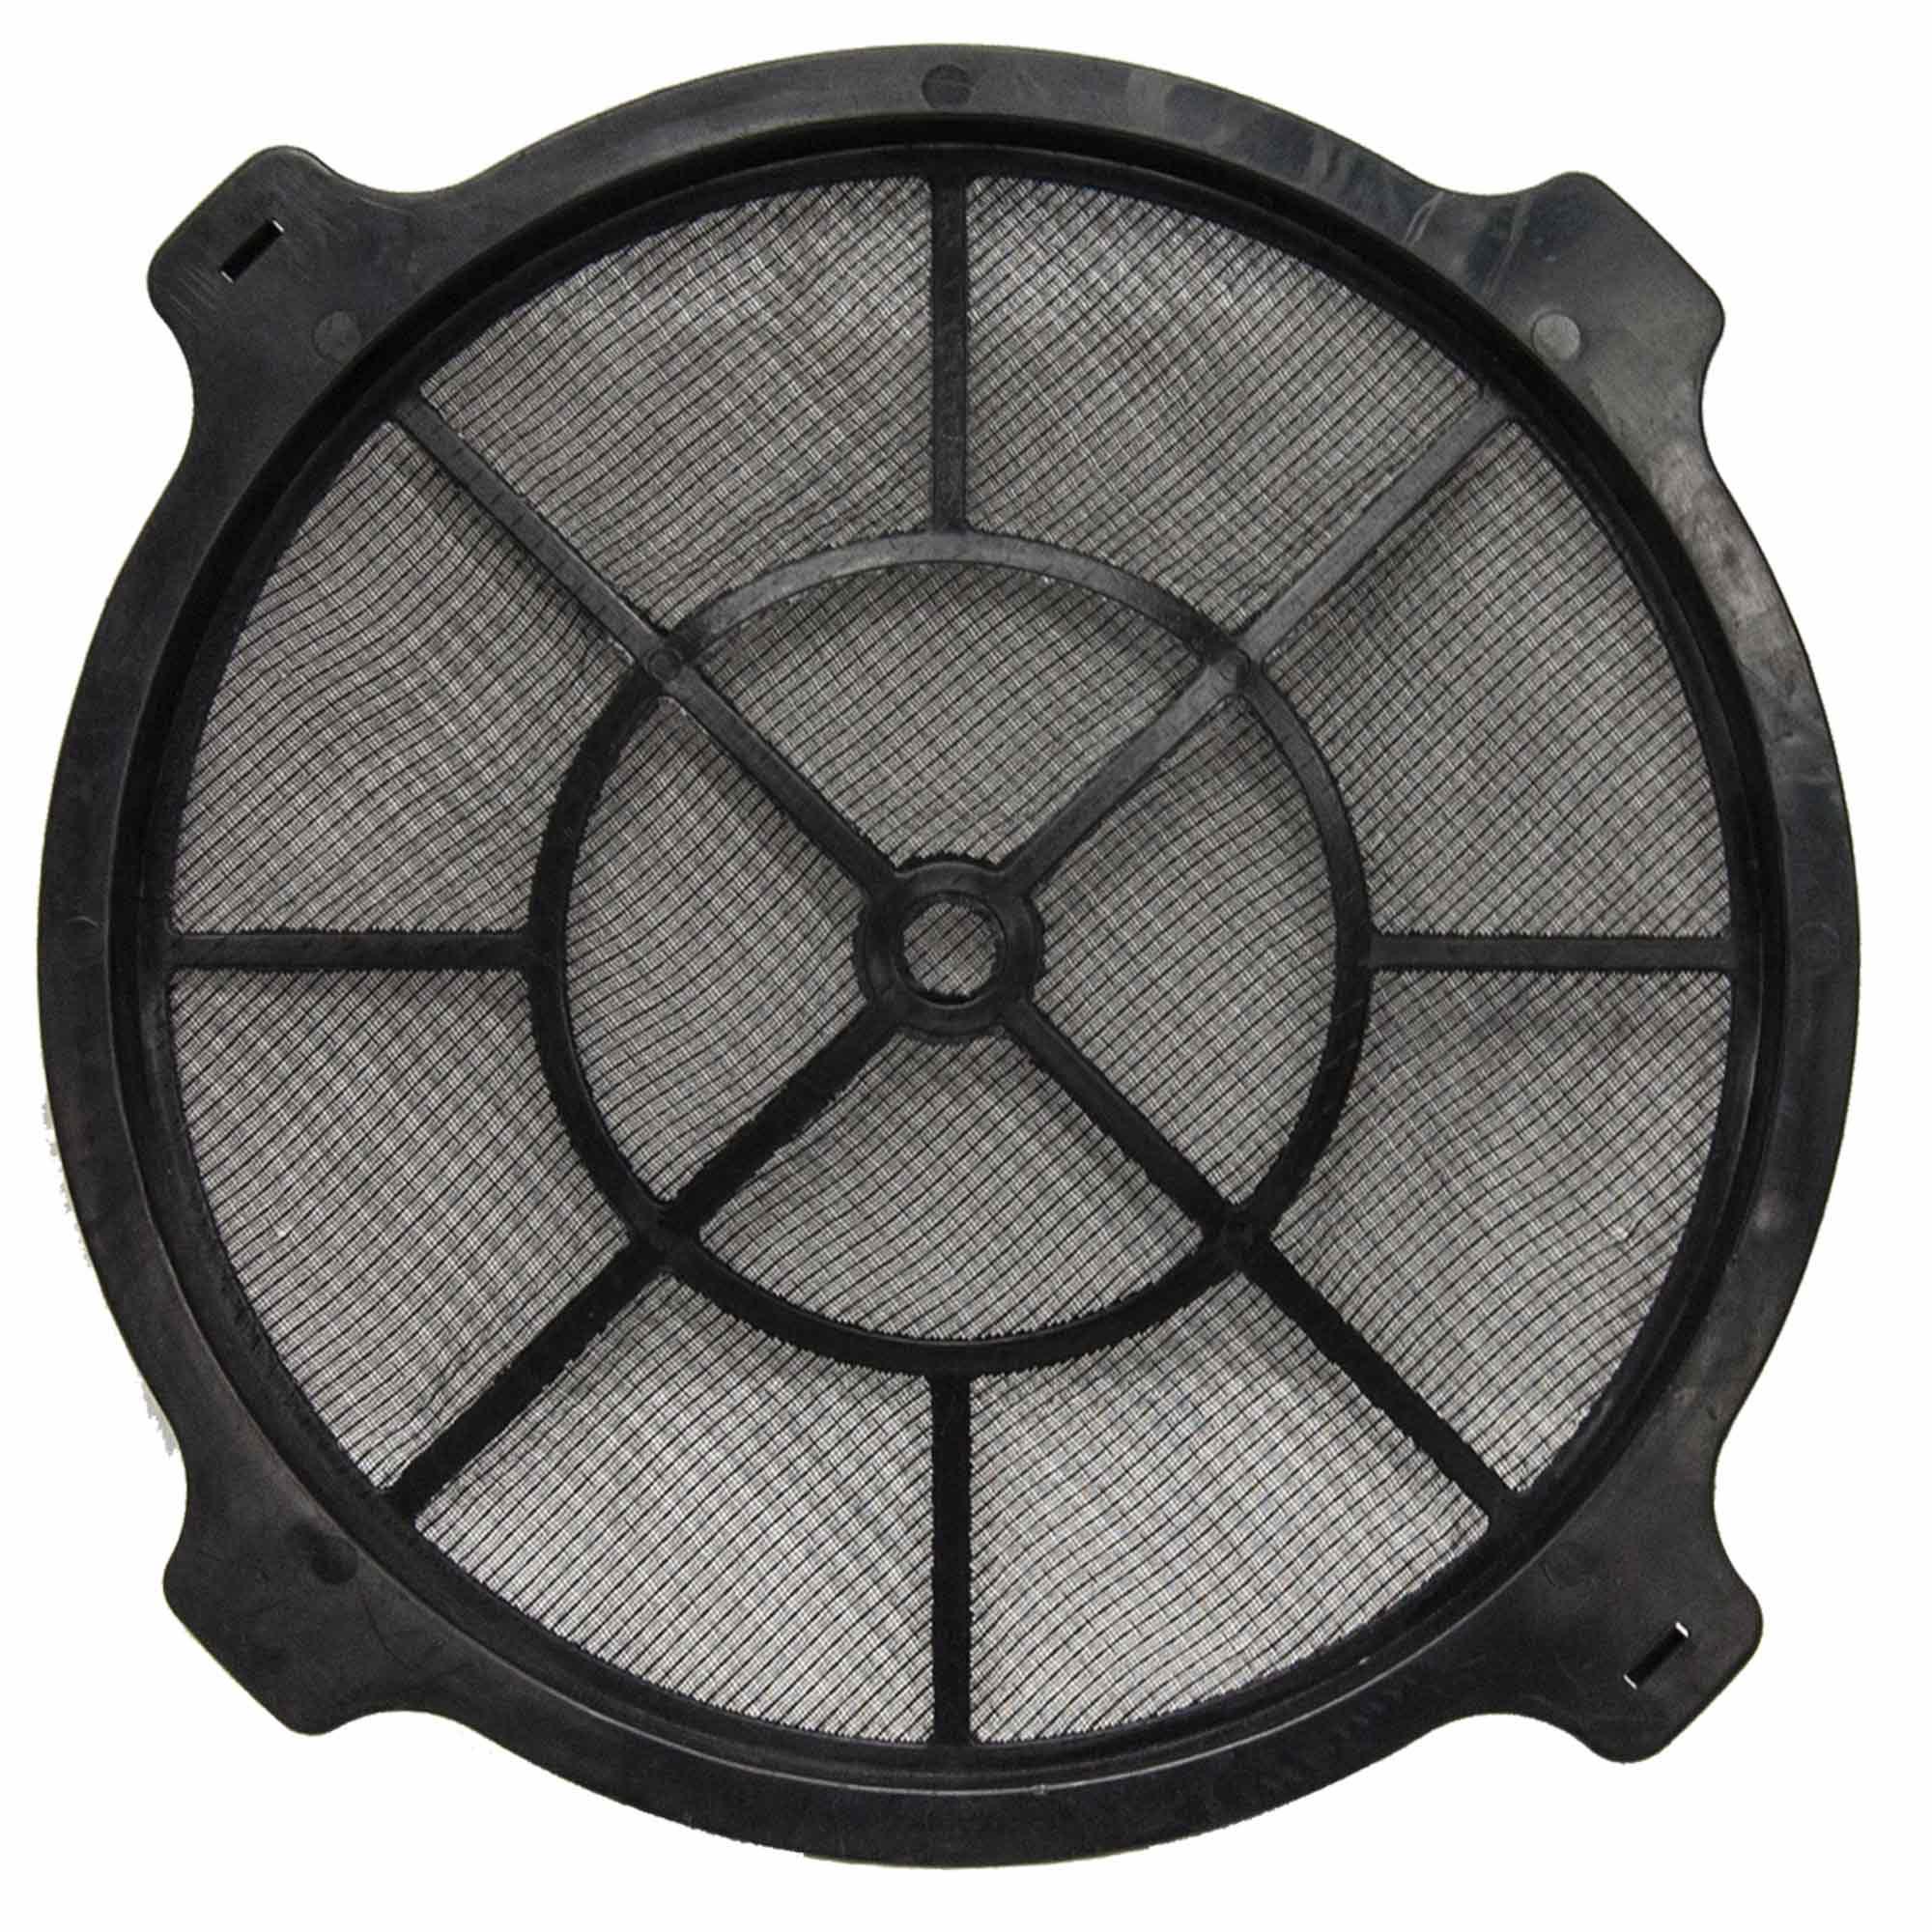 xpower mini air scrubber